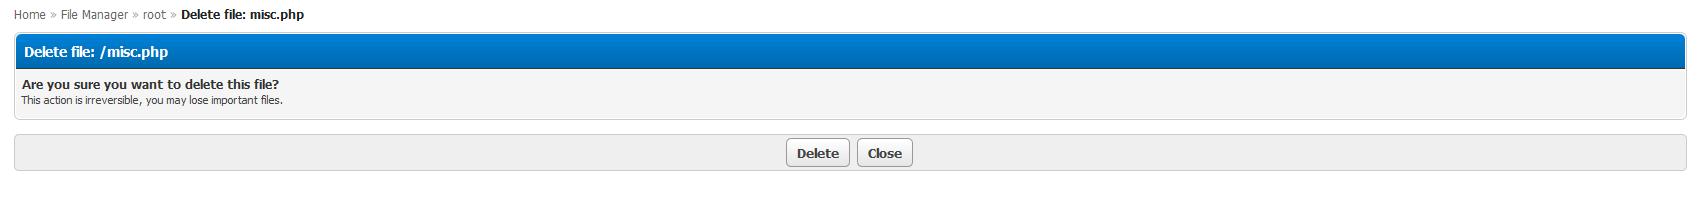 [Imagen: file_manager_delete.png]